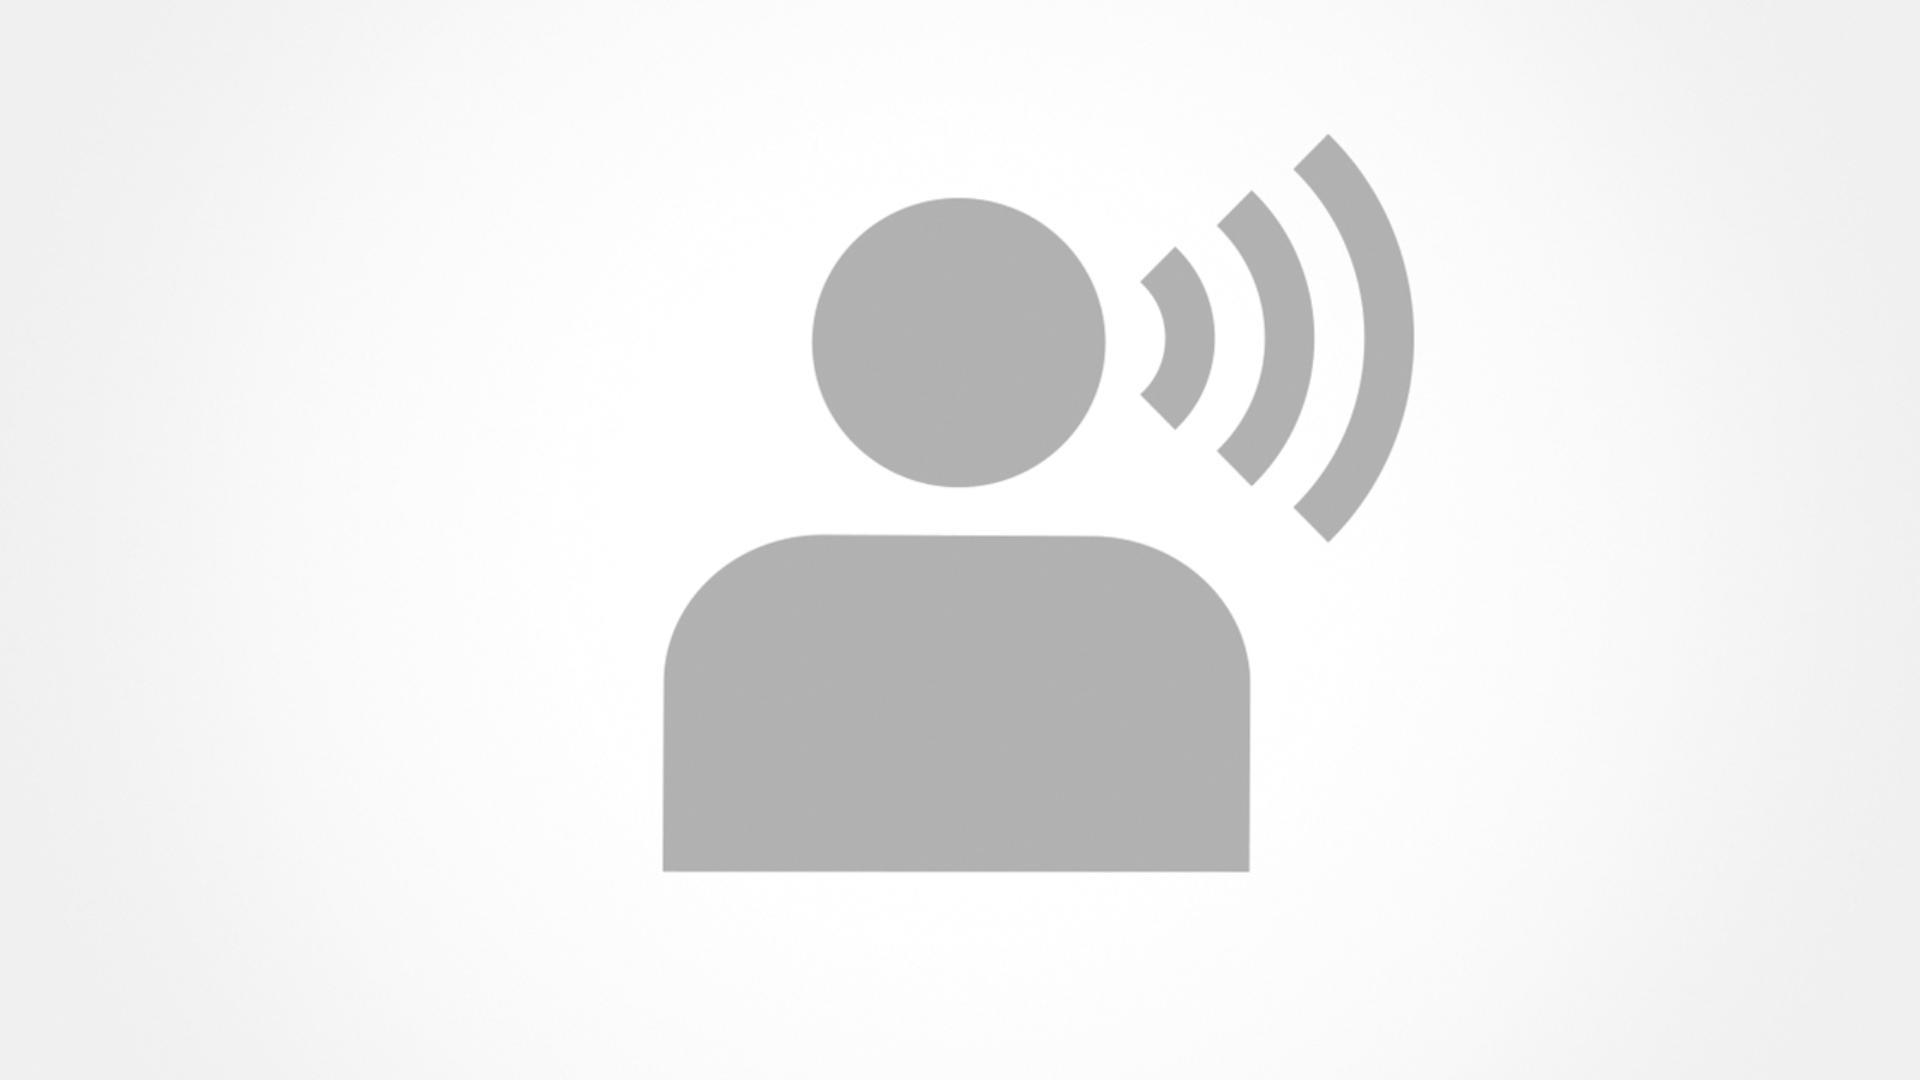 Ikona sterowania głosowego